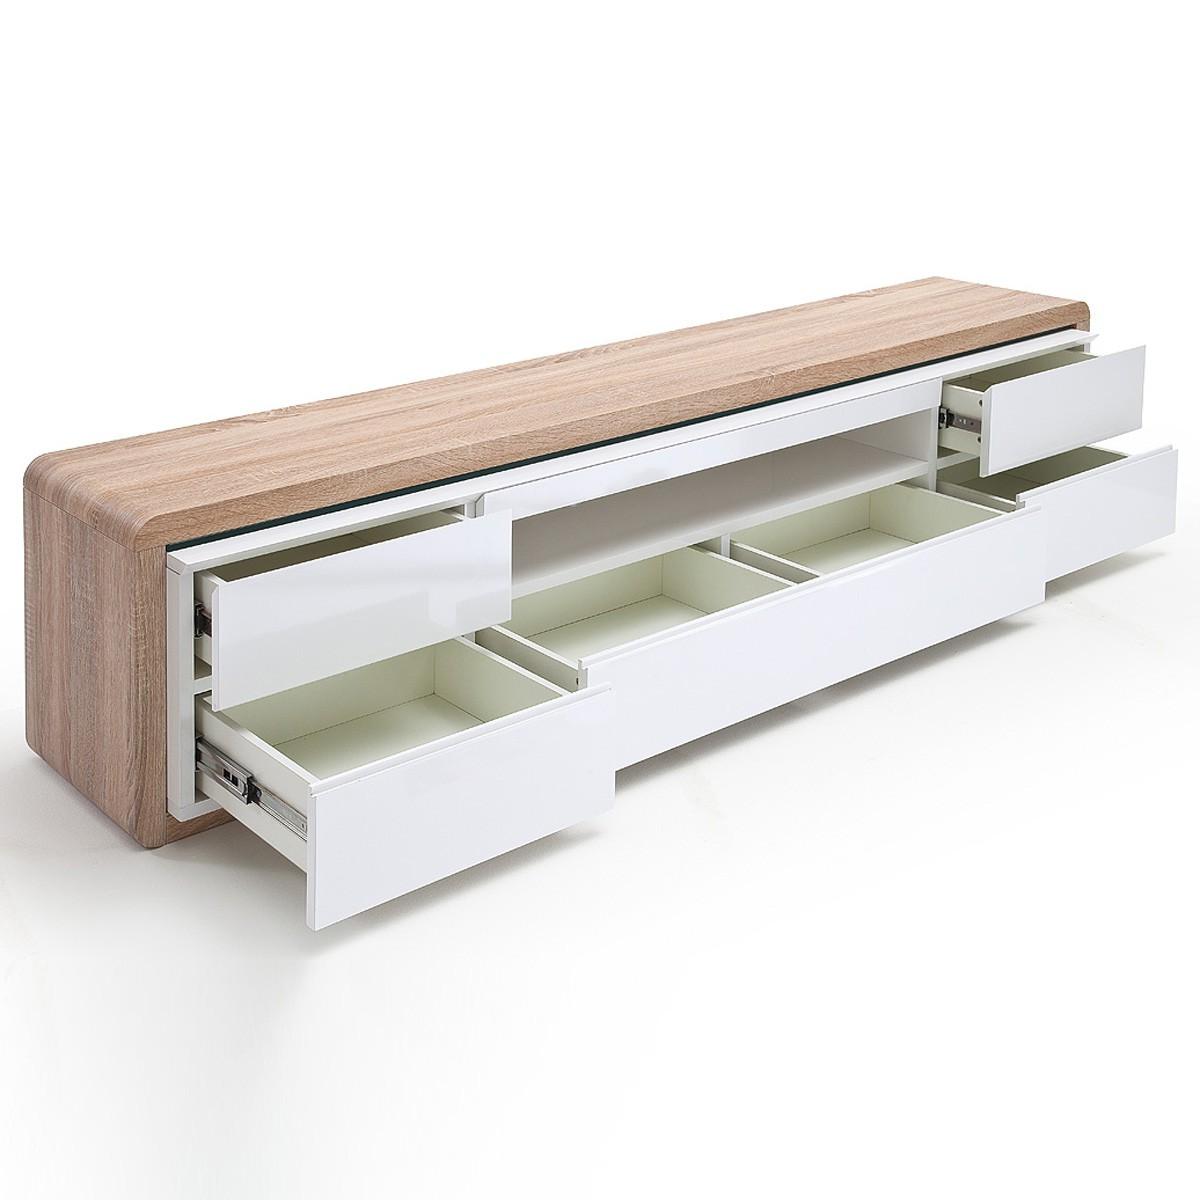 massivholzmobel eiche modern lowboard innenraum und m bel. Black Bedroom Furniture Sets. Home Design Ideas